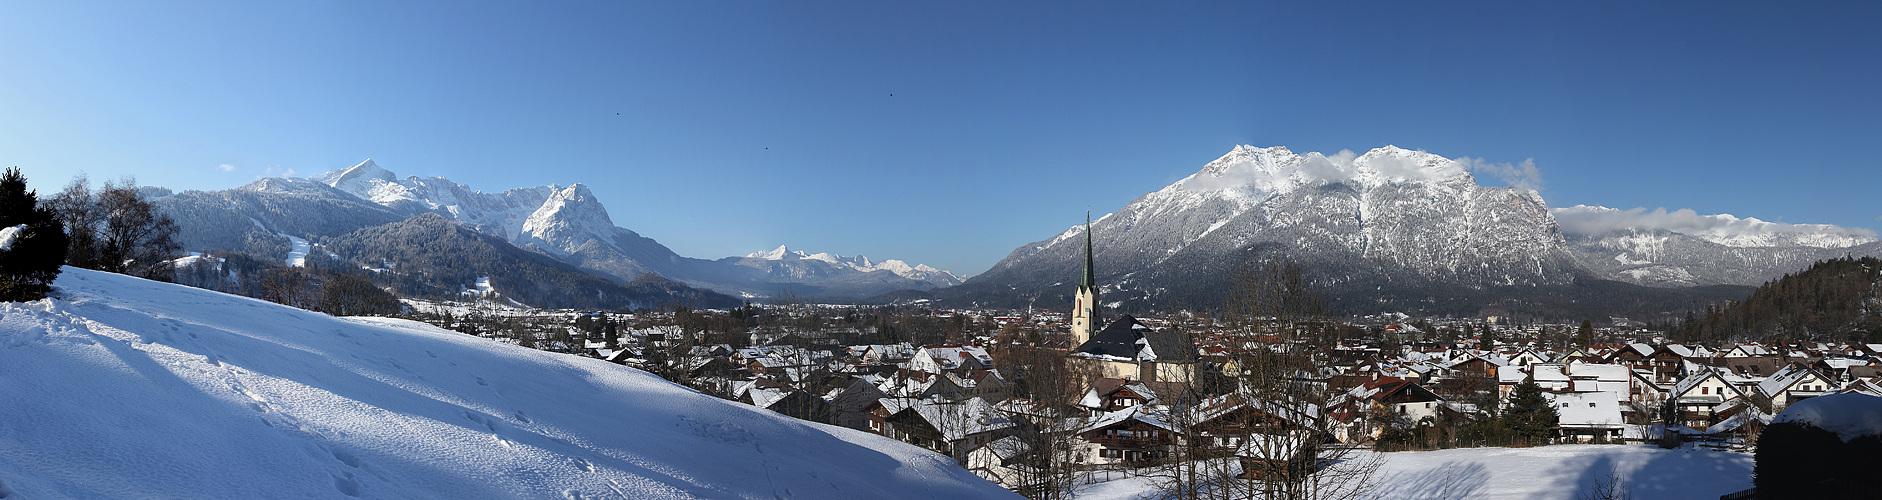 Bergsicht-Schiebepanorama